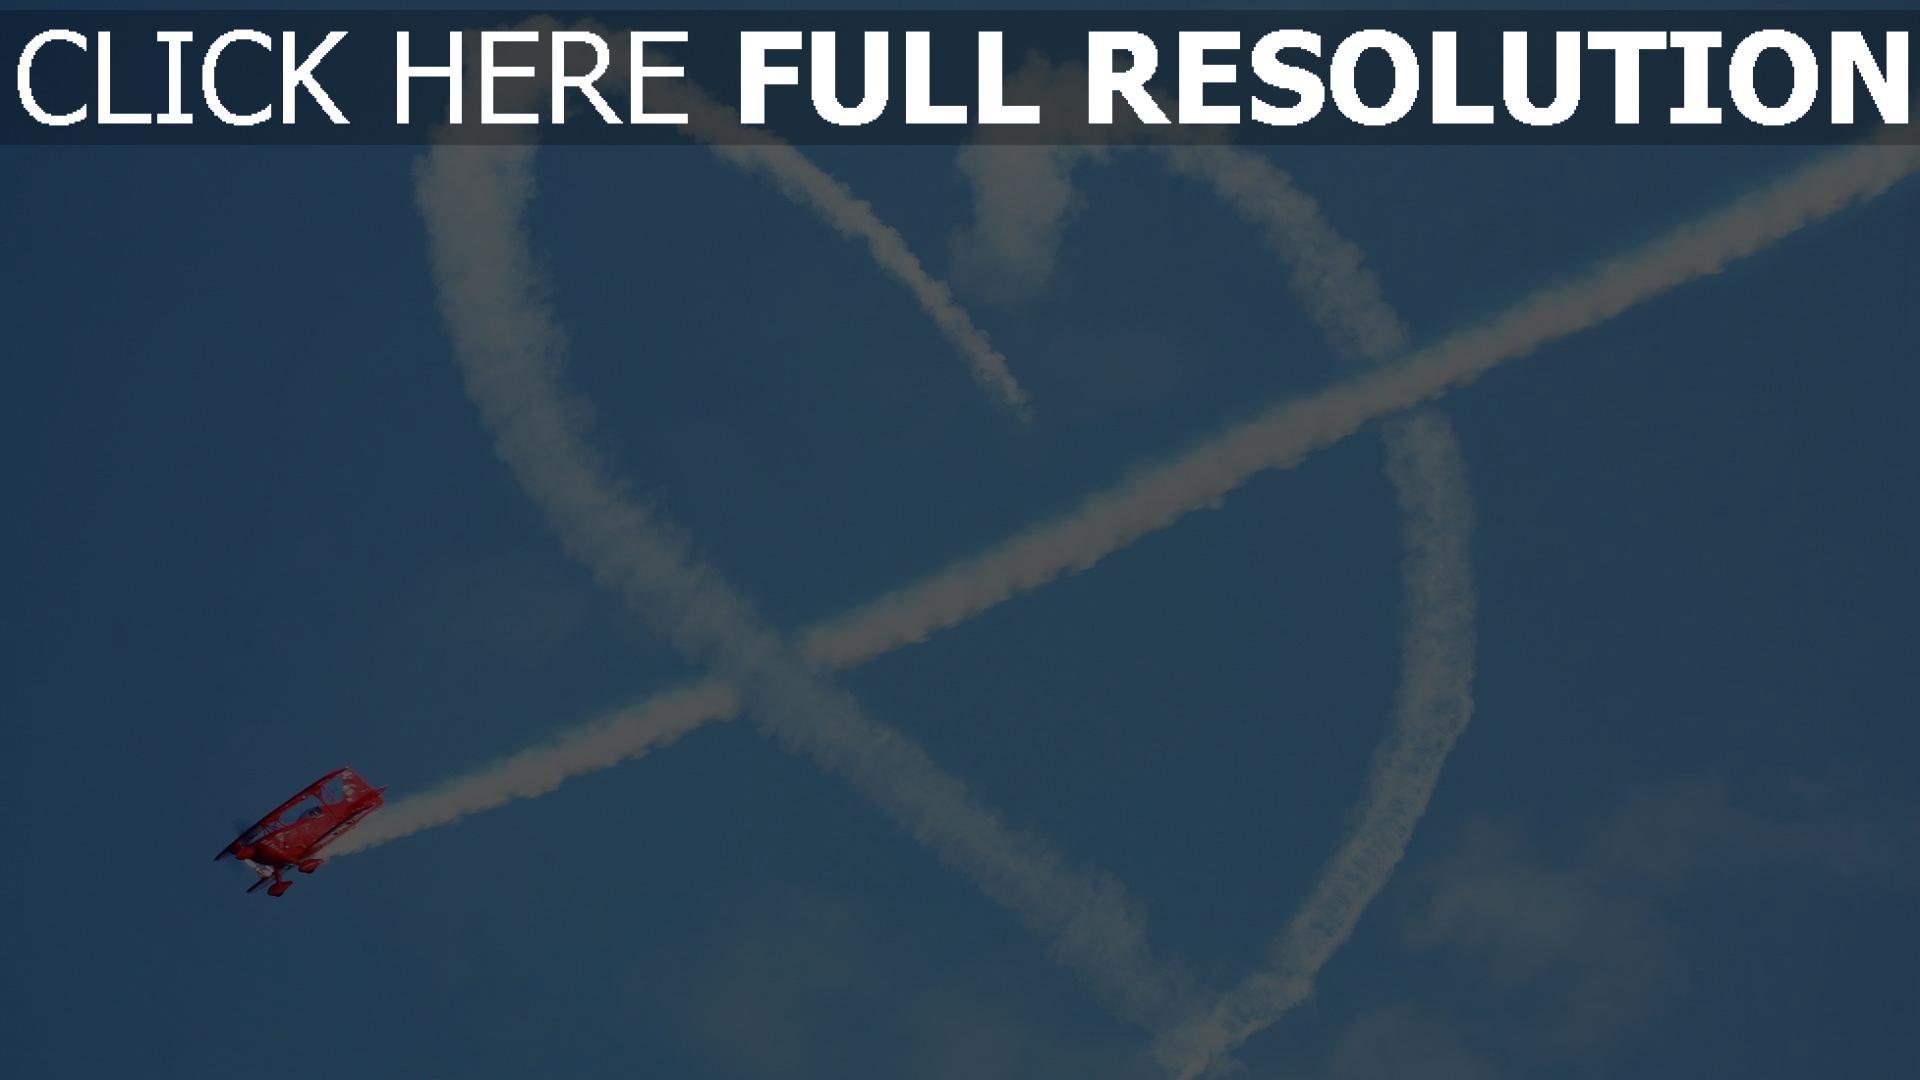 hd hintergrundbilder herz symbol romantik flugzeug himmel 1920x1080